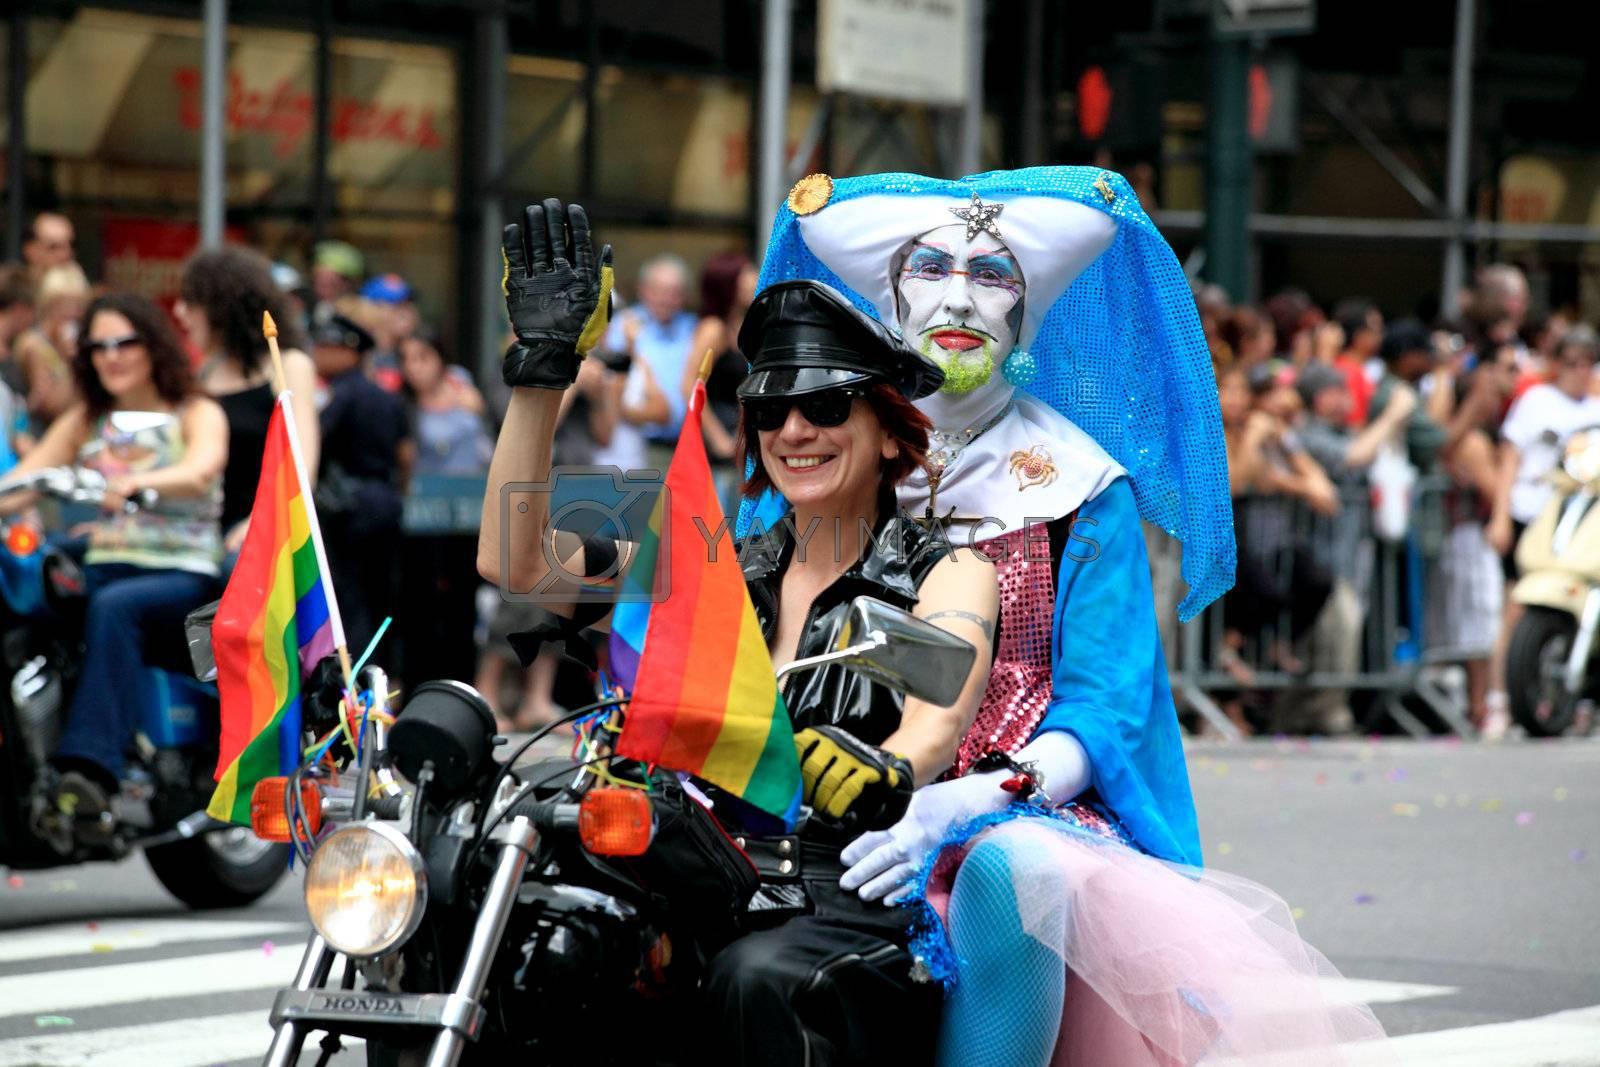 Manhattan - JUNE 28: NYC Pride March on June 28, 2009 in Manhattan